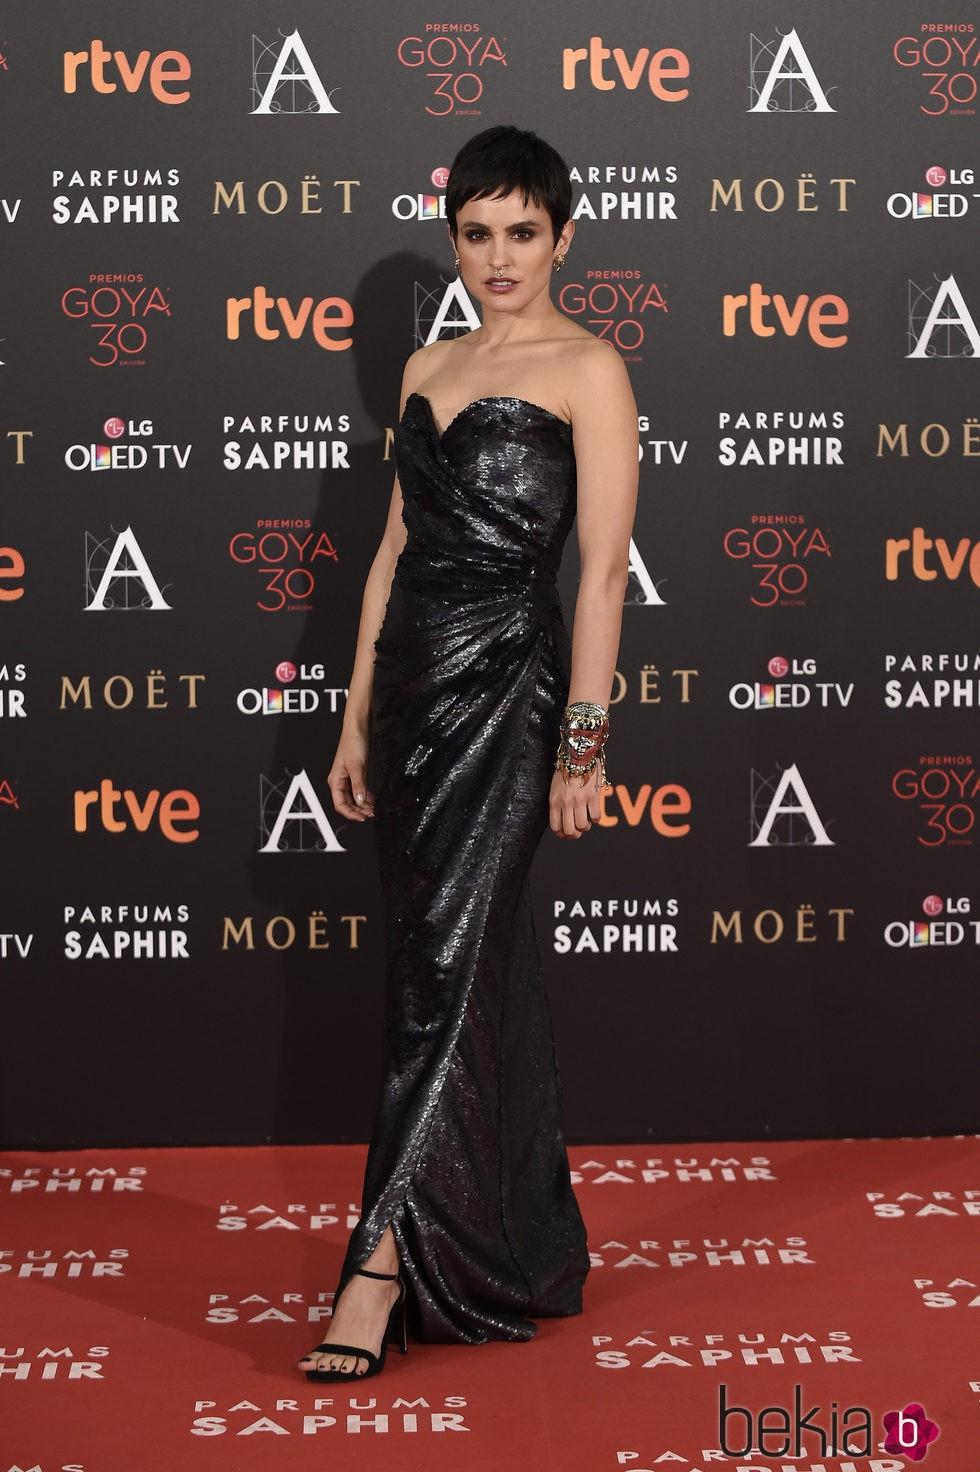 Verónica Echegui en la alfombra roja de los Premios Goya 2016